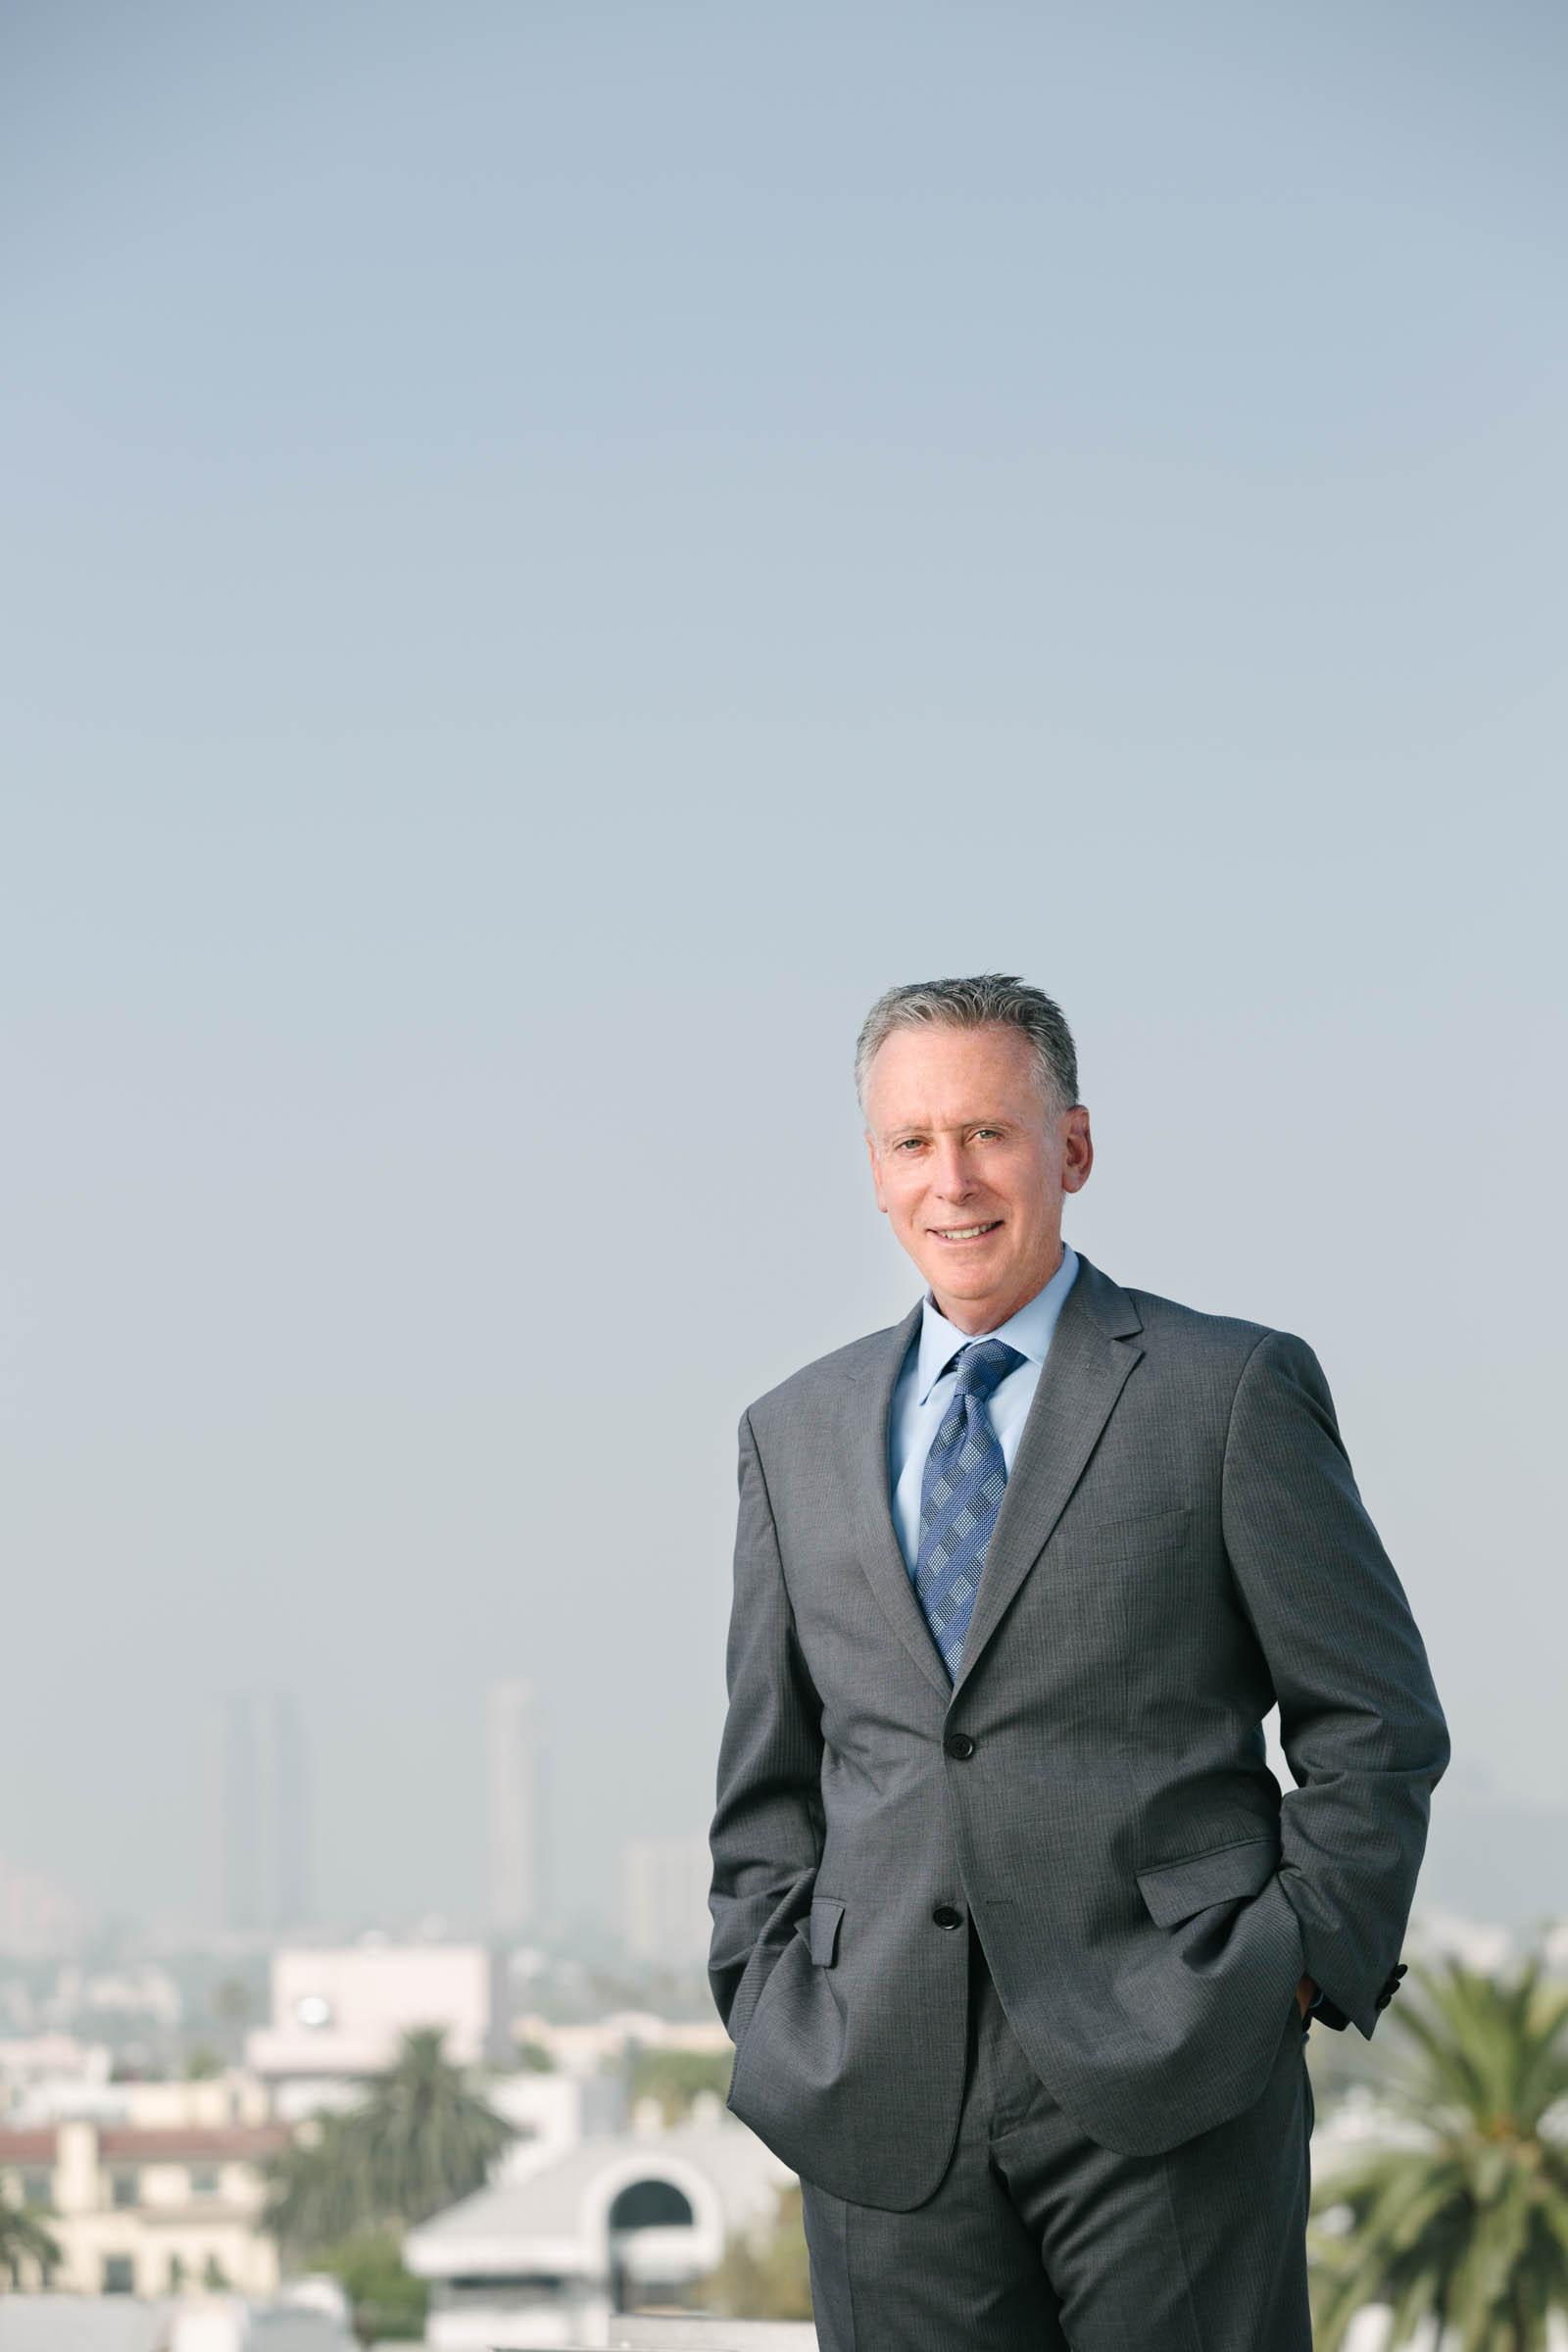 Jeffery Shinbrot, Attorney